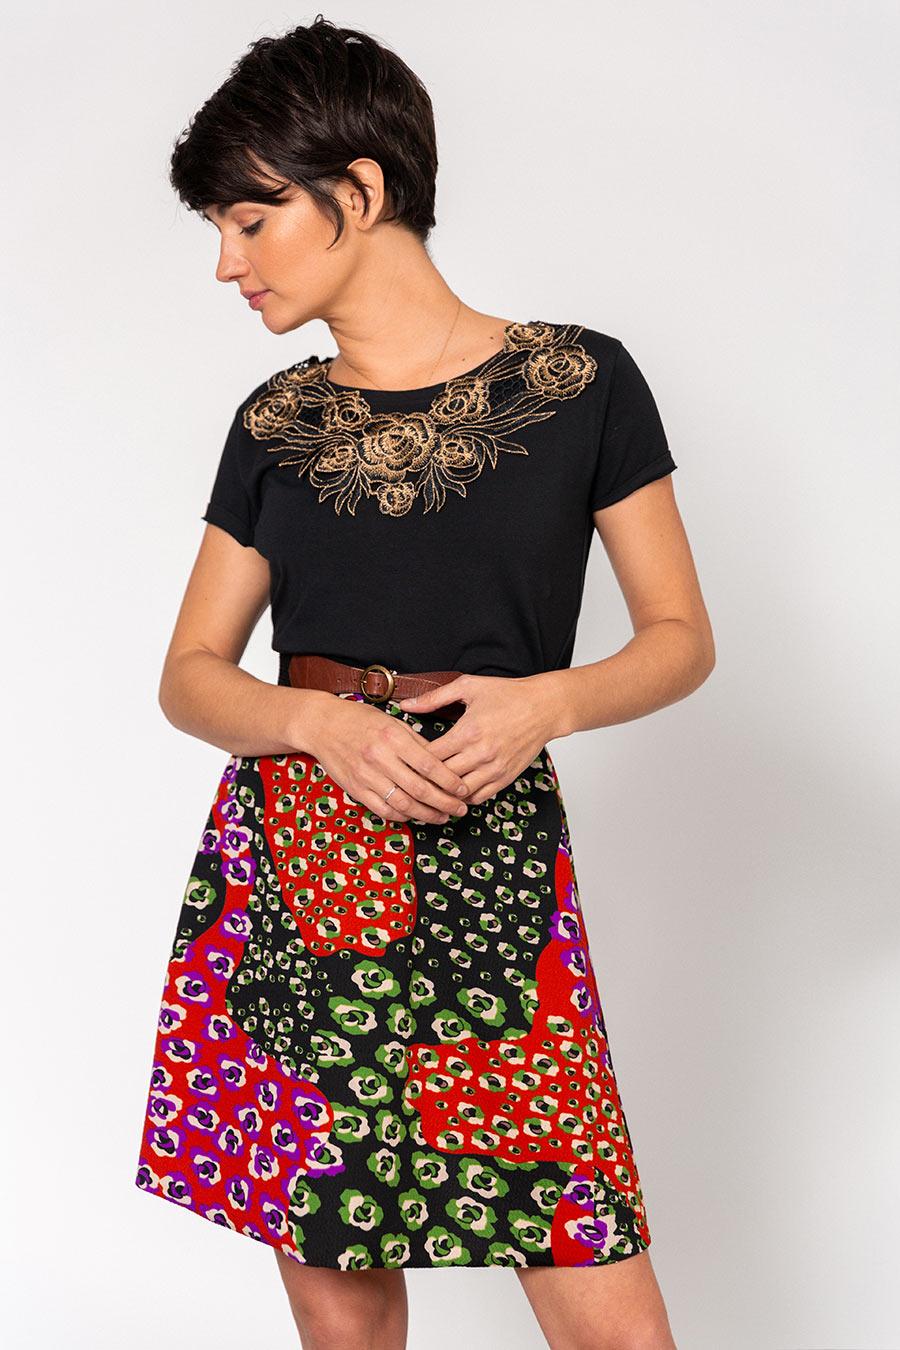 OTRORA_Camiseta manga corta en punto elástico de algodón con falda vuelo de punto crepé estampado leopardo